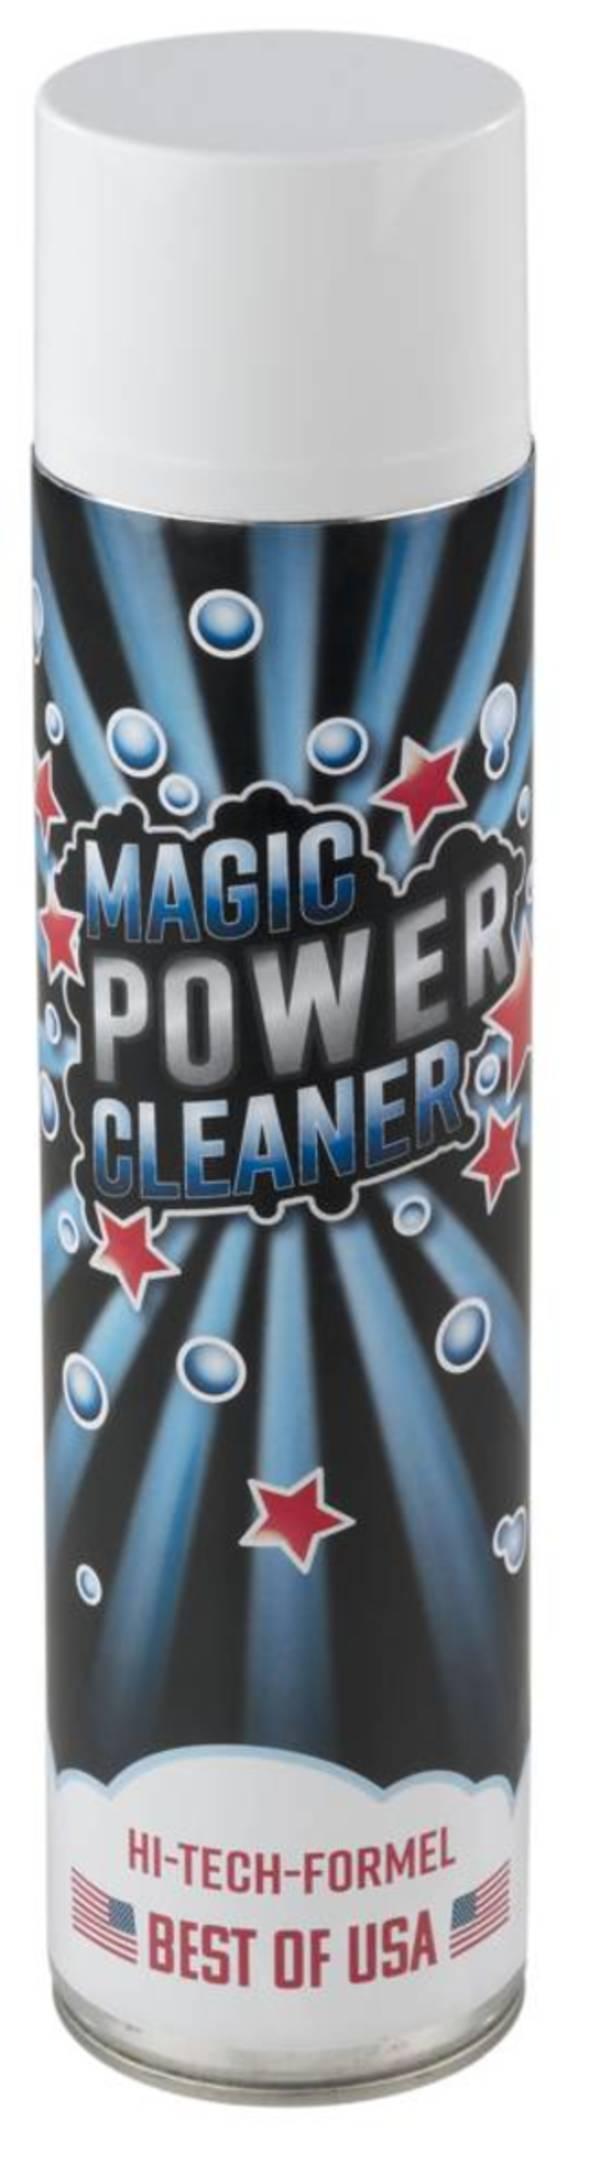 Magic Power Cleaner - Schaumreiniger, 600ml Spraydose Westfalia